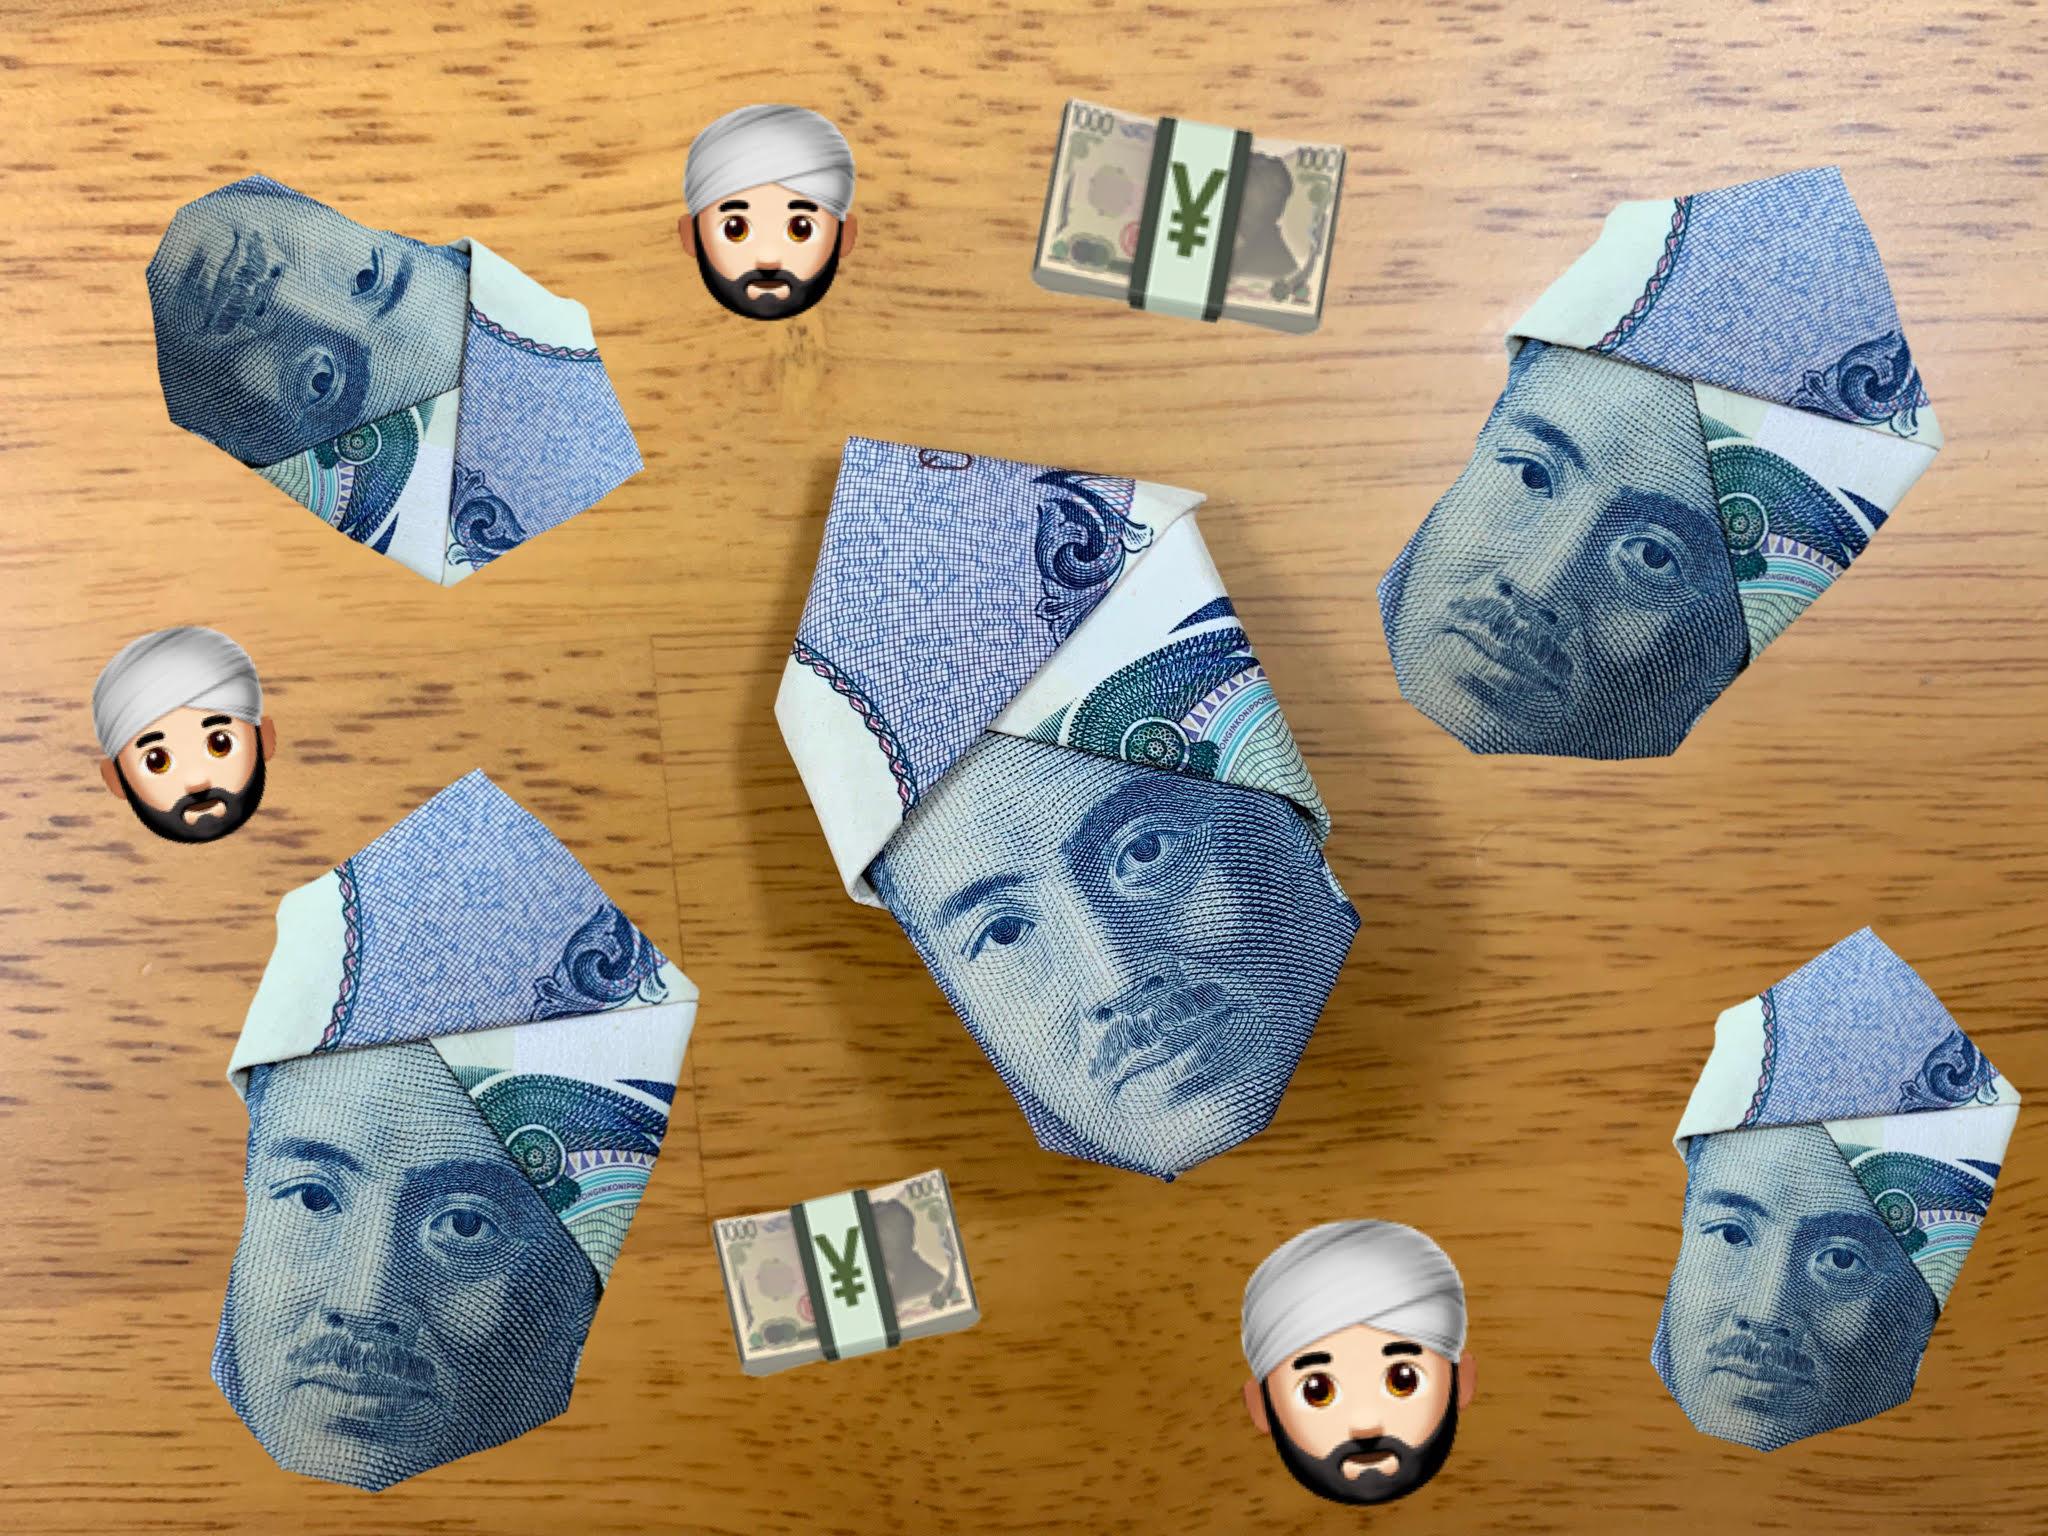 友達にお金を返すときに使えた!お札のおもしろい折り方【ターバン野口】~後編~